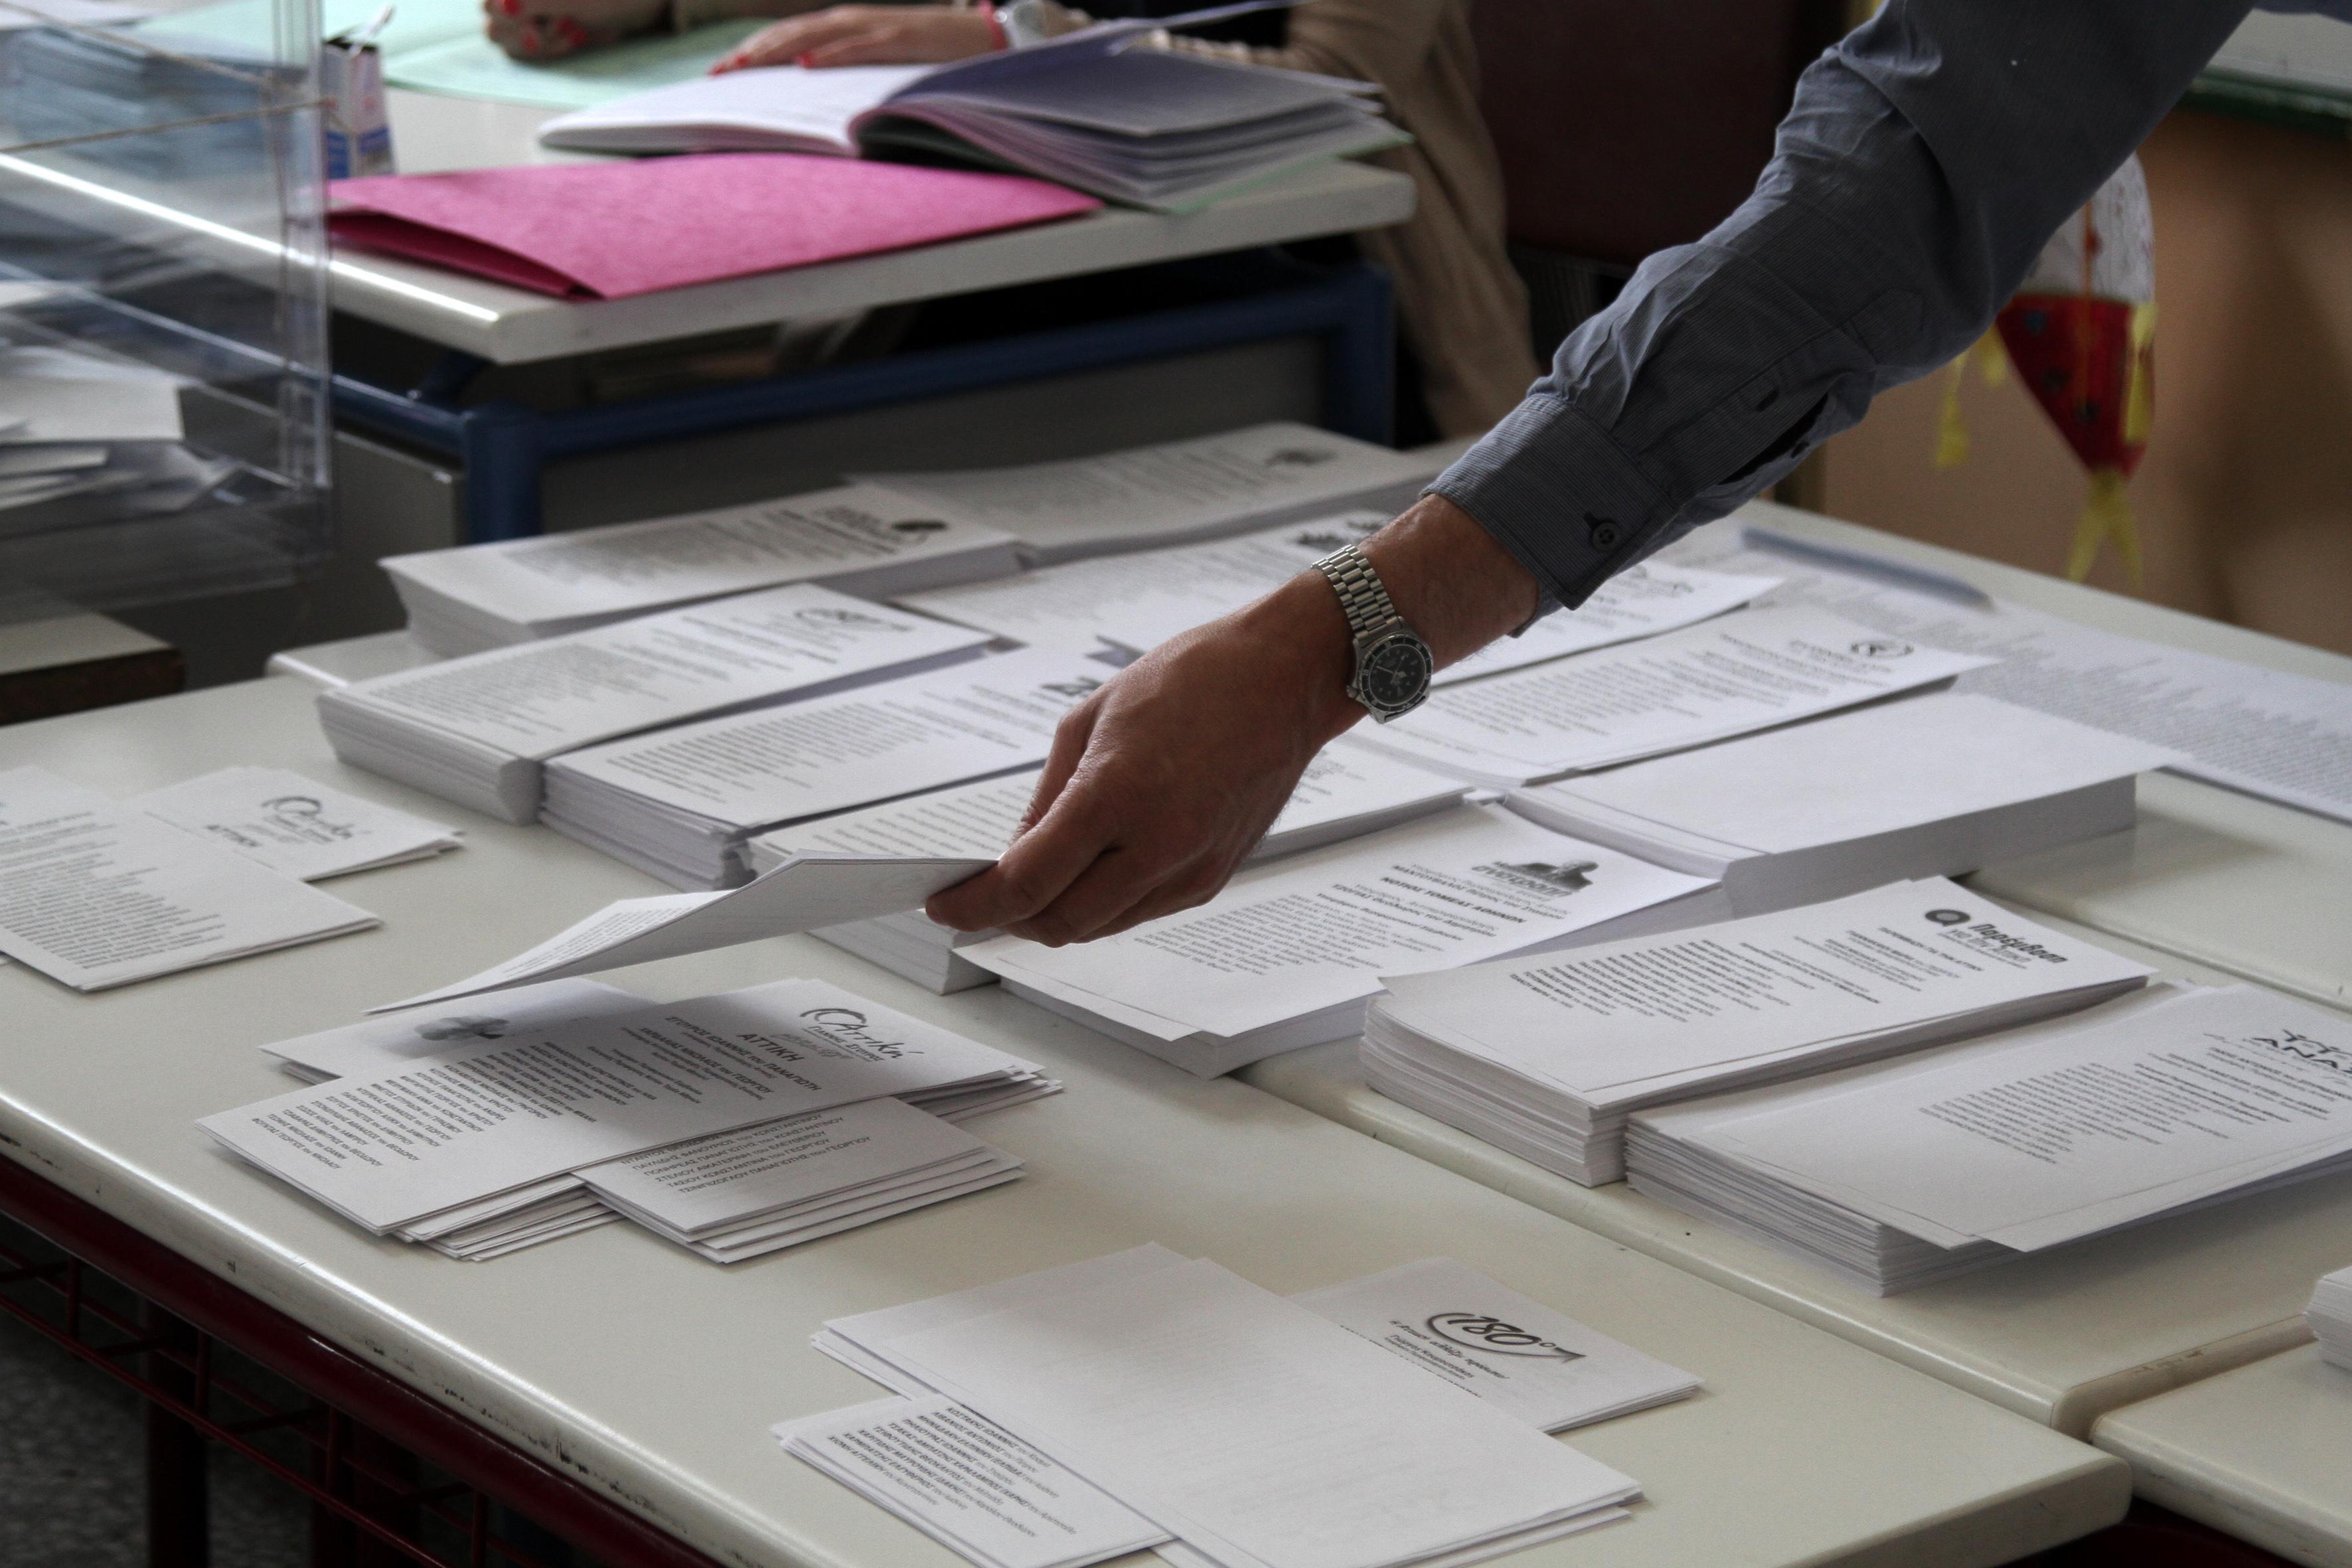 Υπουργείο Εσωτερικών: €4 εκατ. η χρηματοδότηση στα κόμματα | tovima.gr